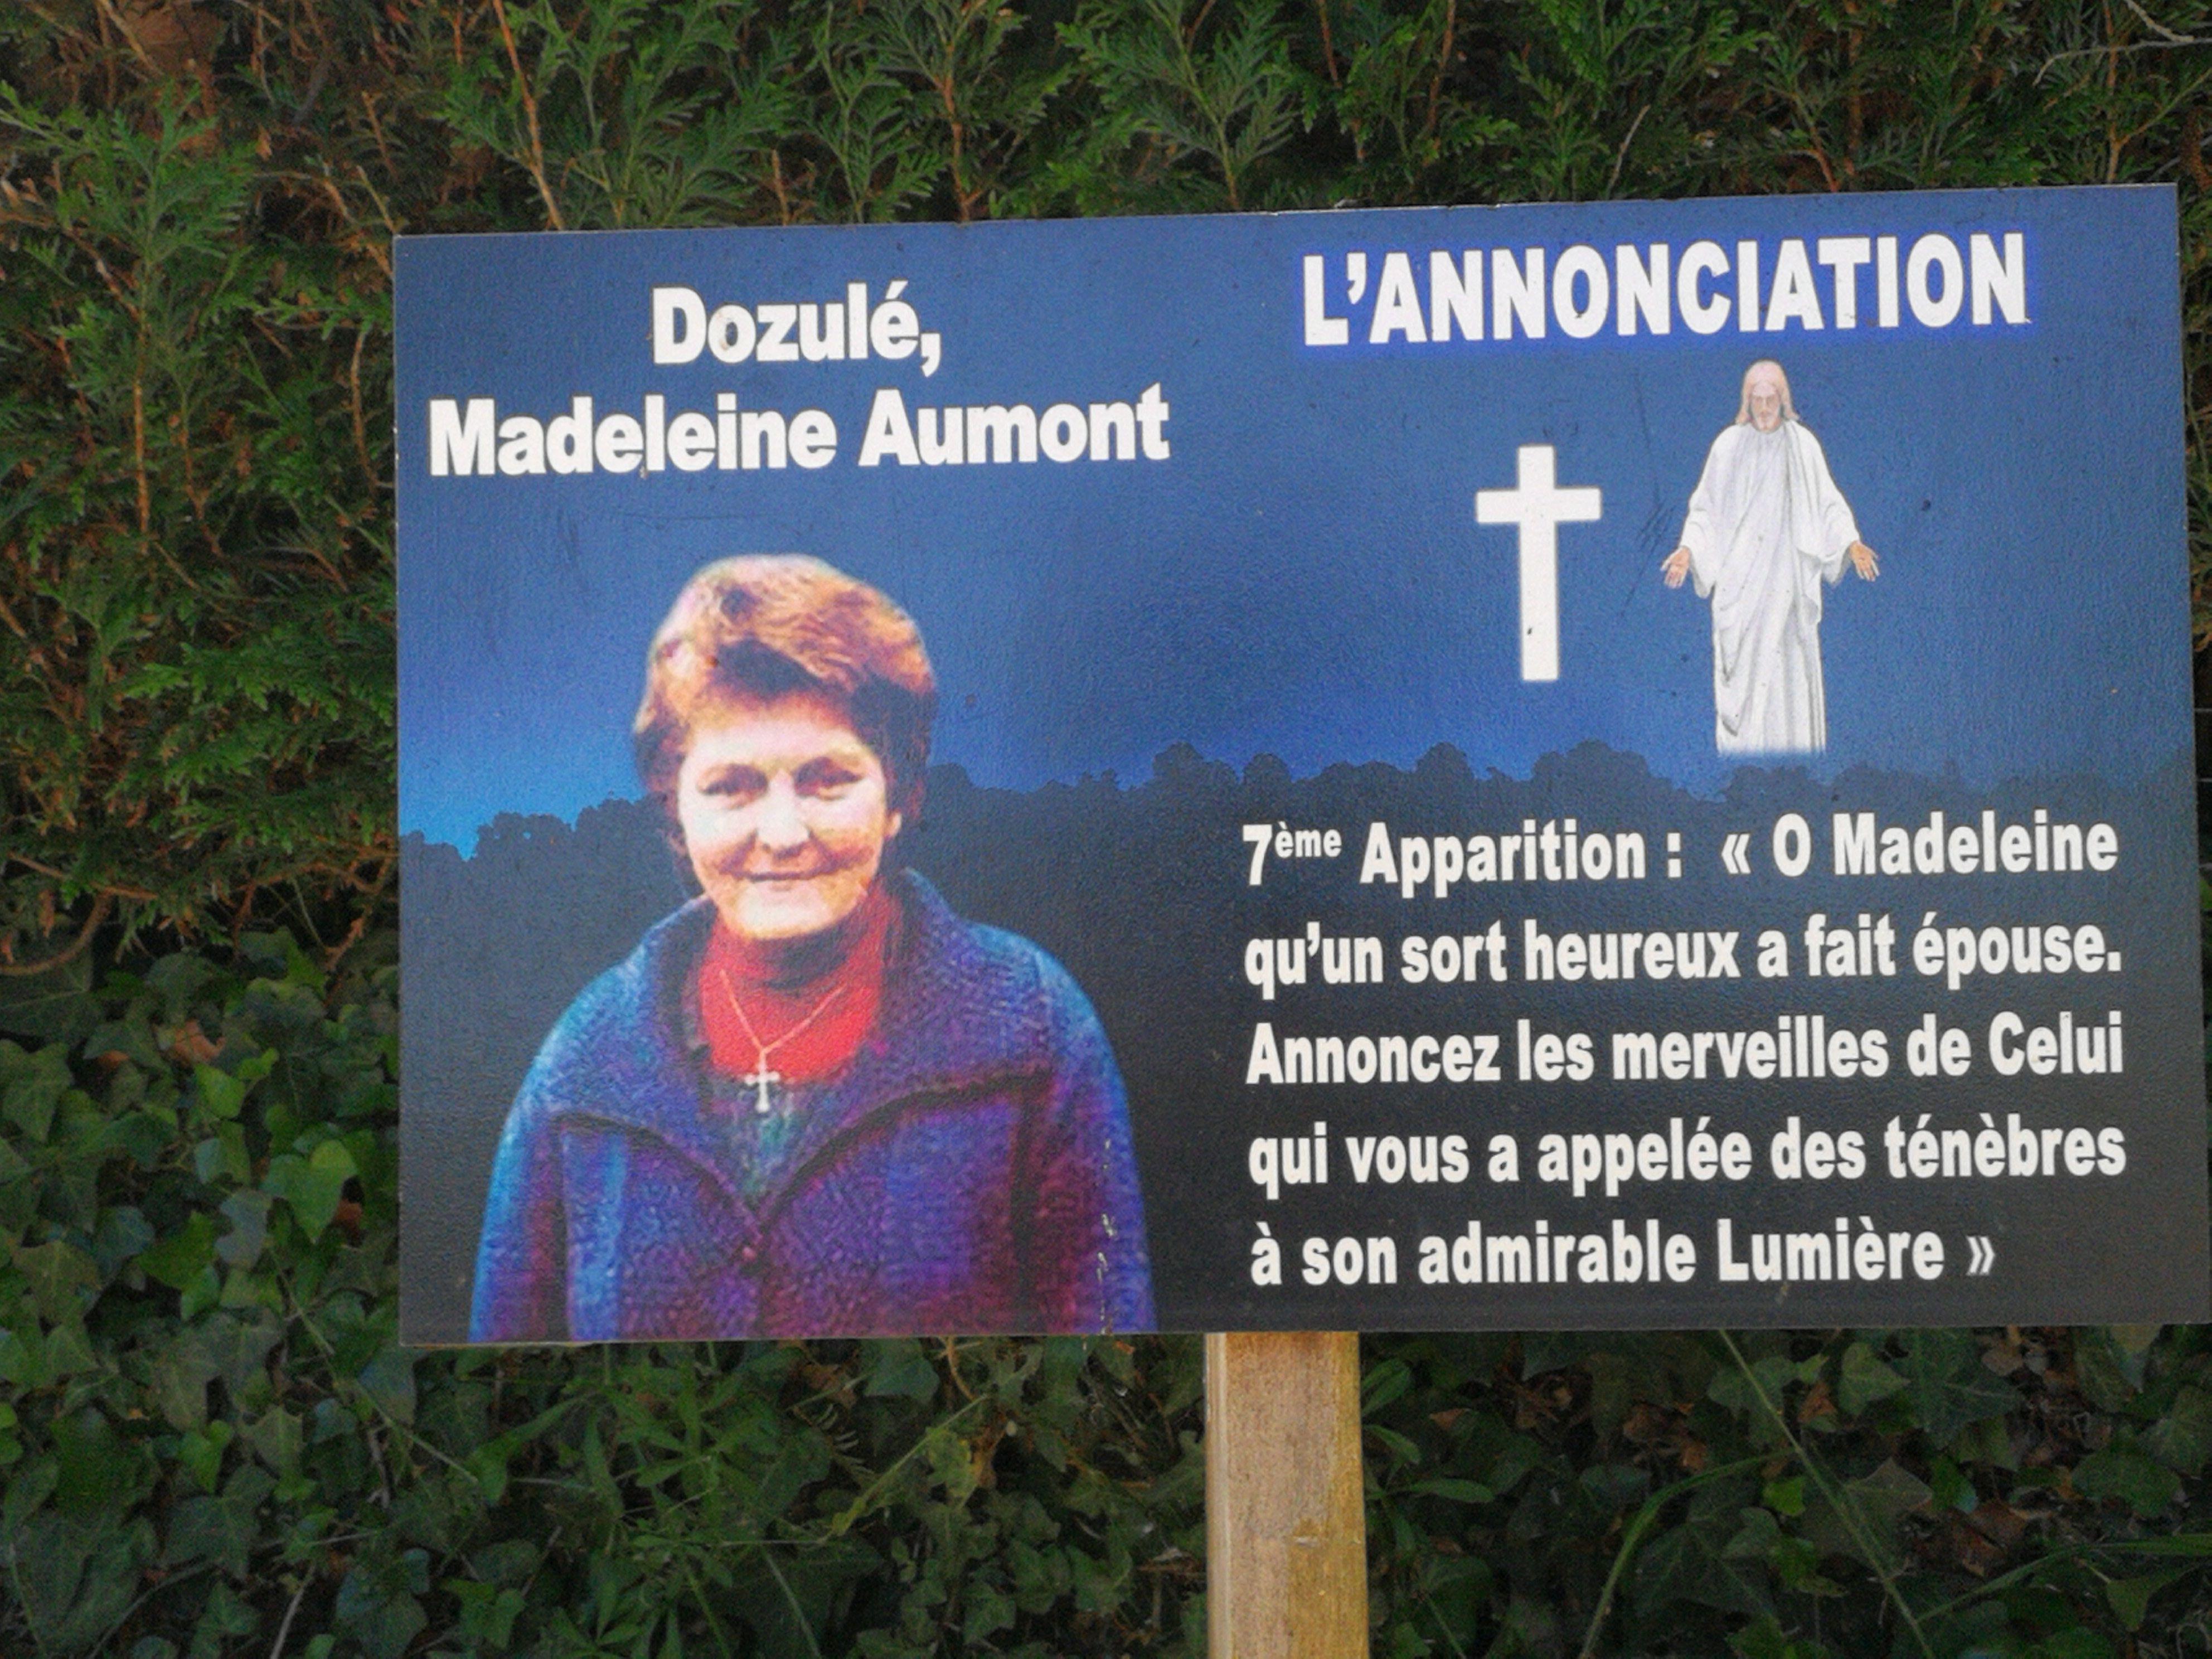 Dozulé - Madeleine Aumont 1924-2016